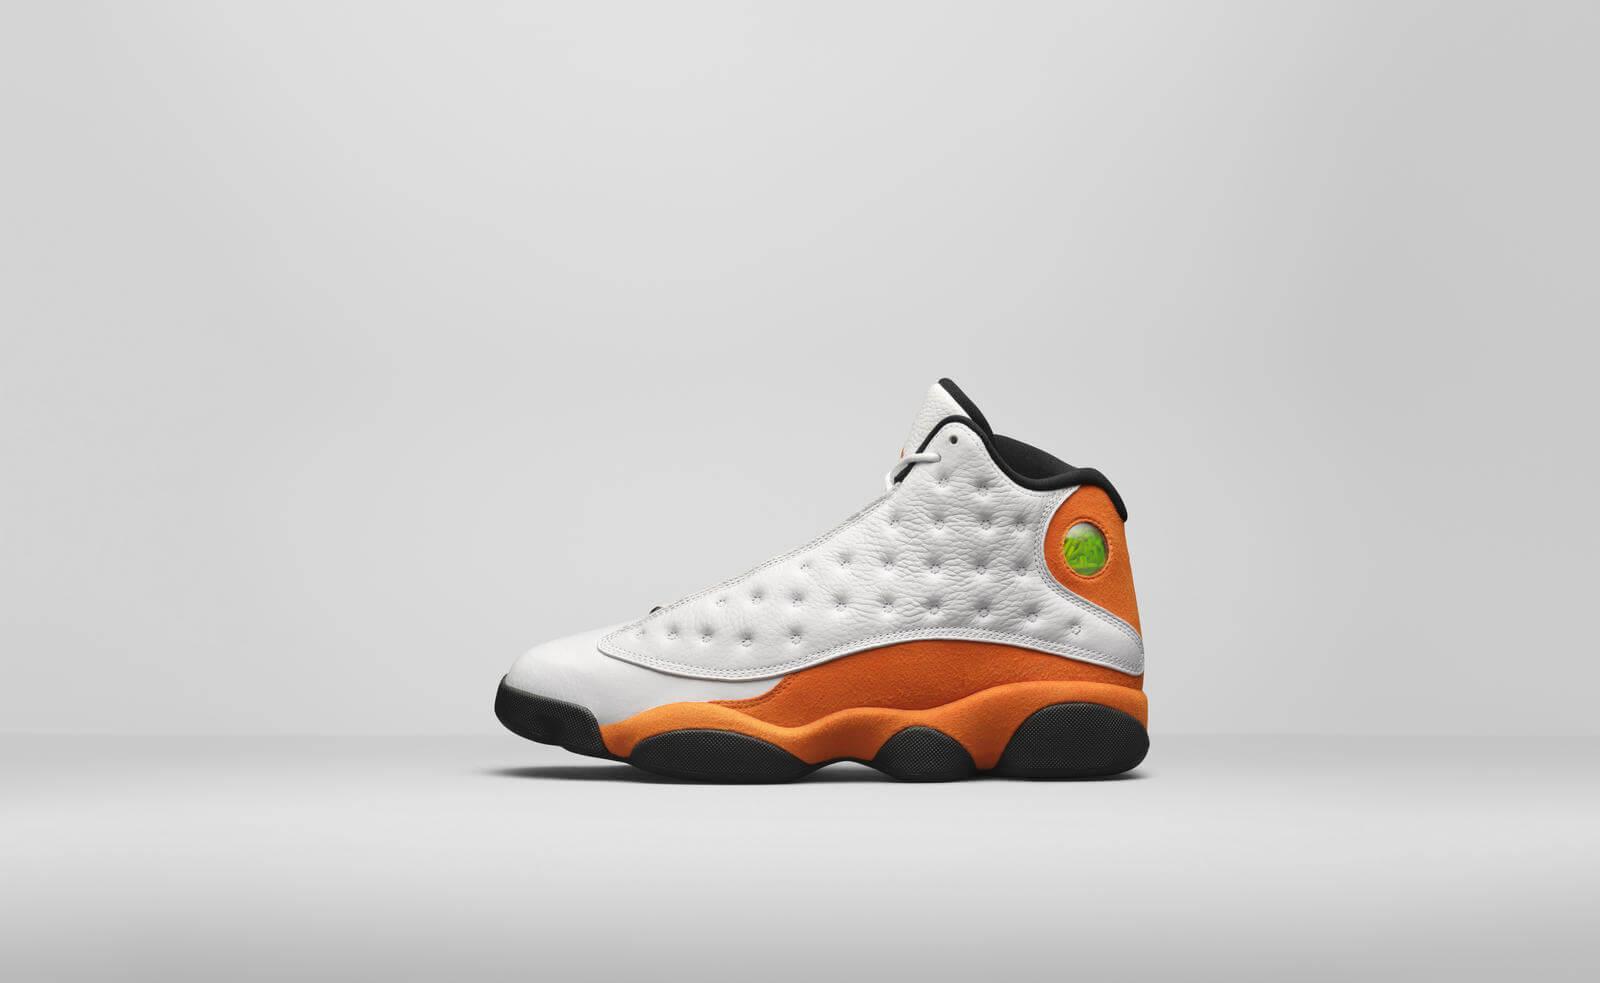 Air Jordan 13 Starfish Orange 2021